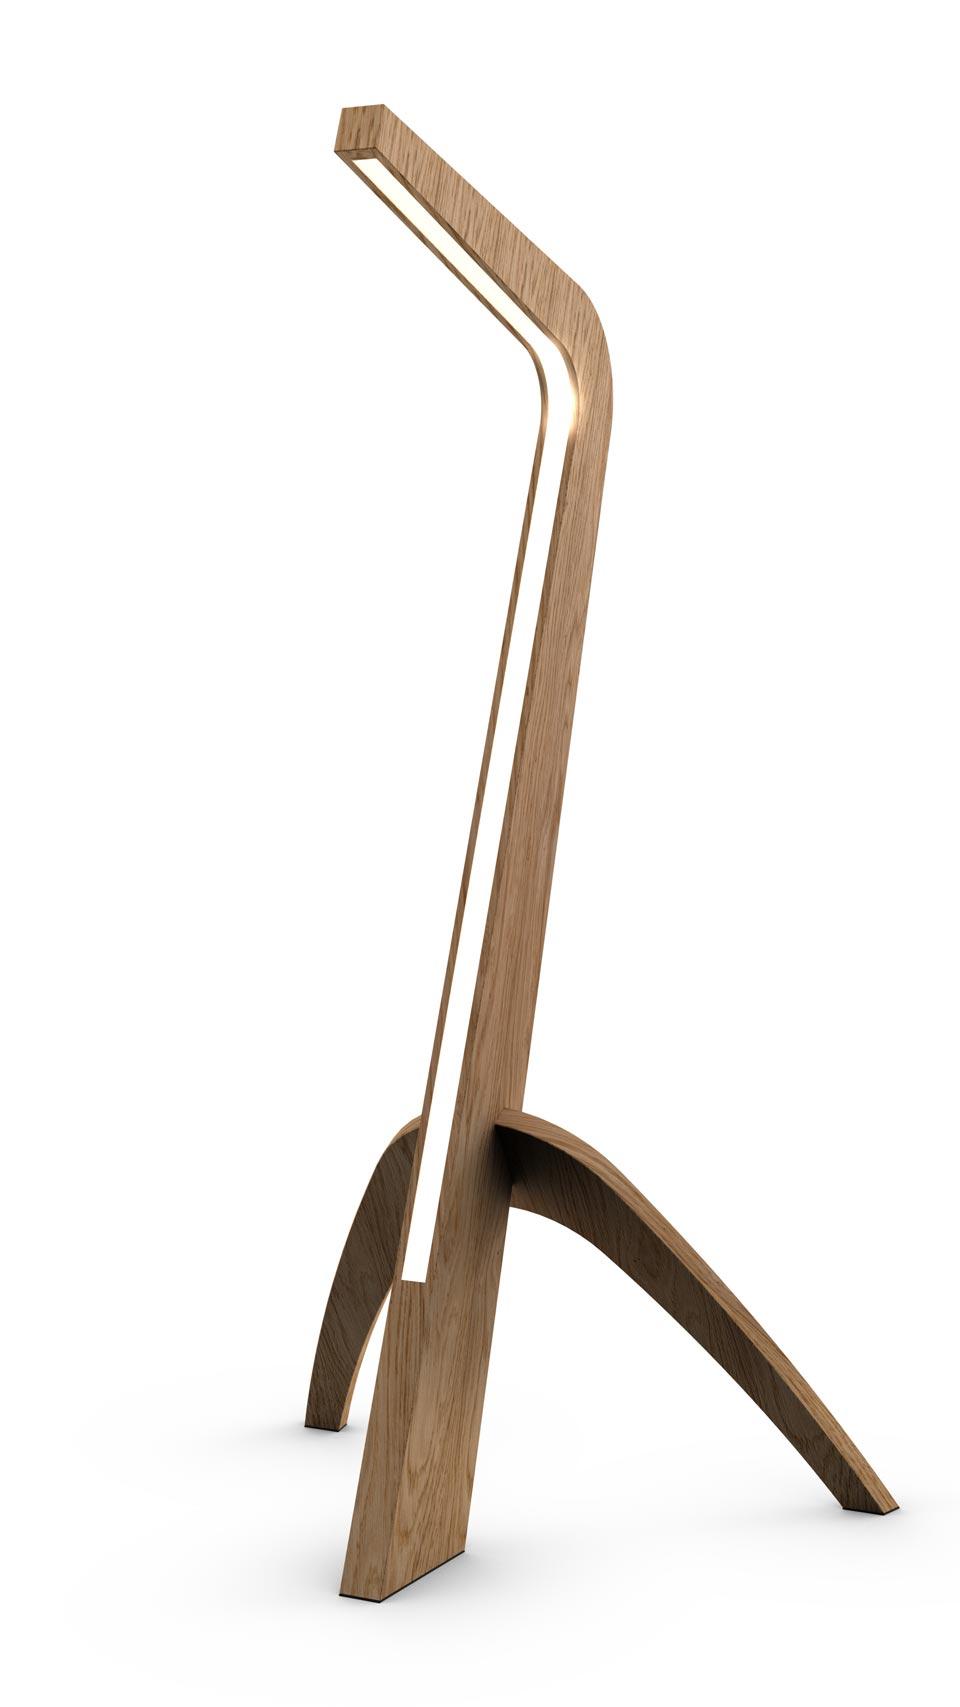 lampadaire trepied design eclairage led disponible en 5 essences de bois